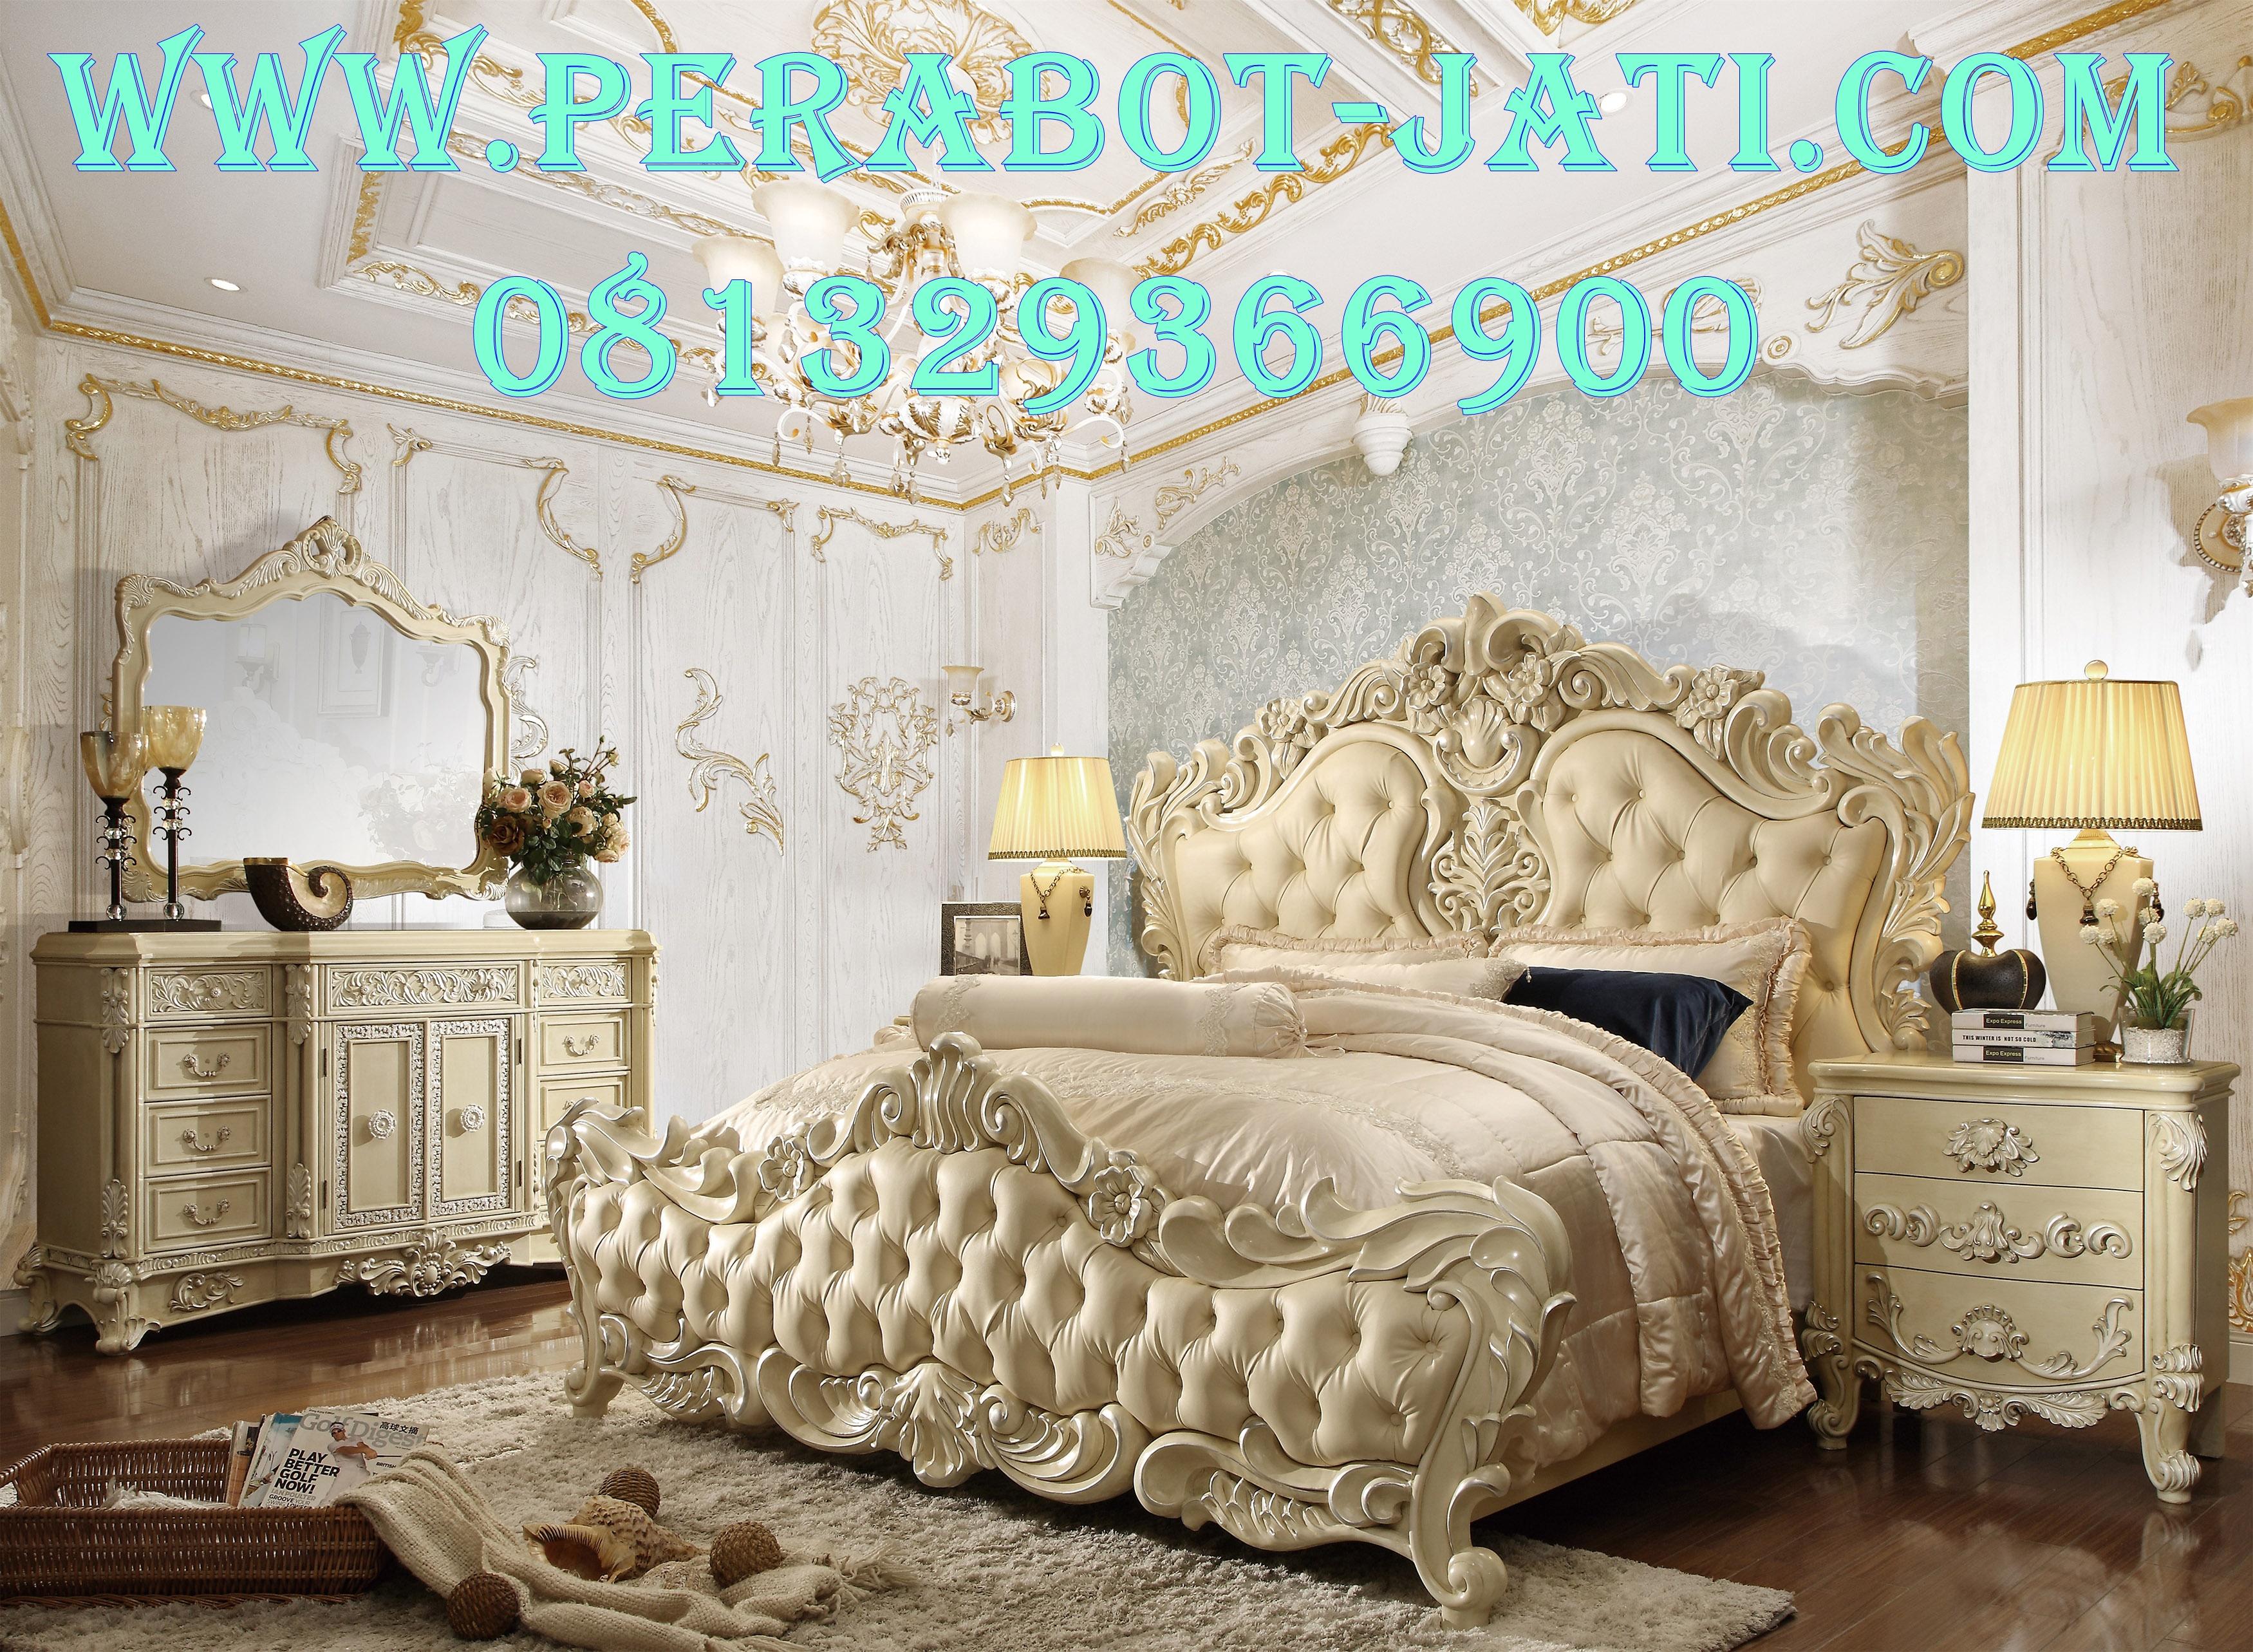 Set Kamar Tidur Mewah Luxury Dan Elegan Mulia